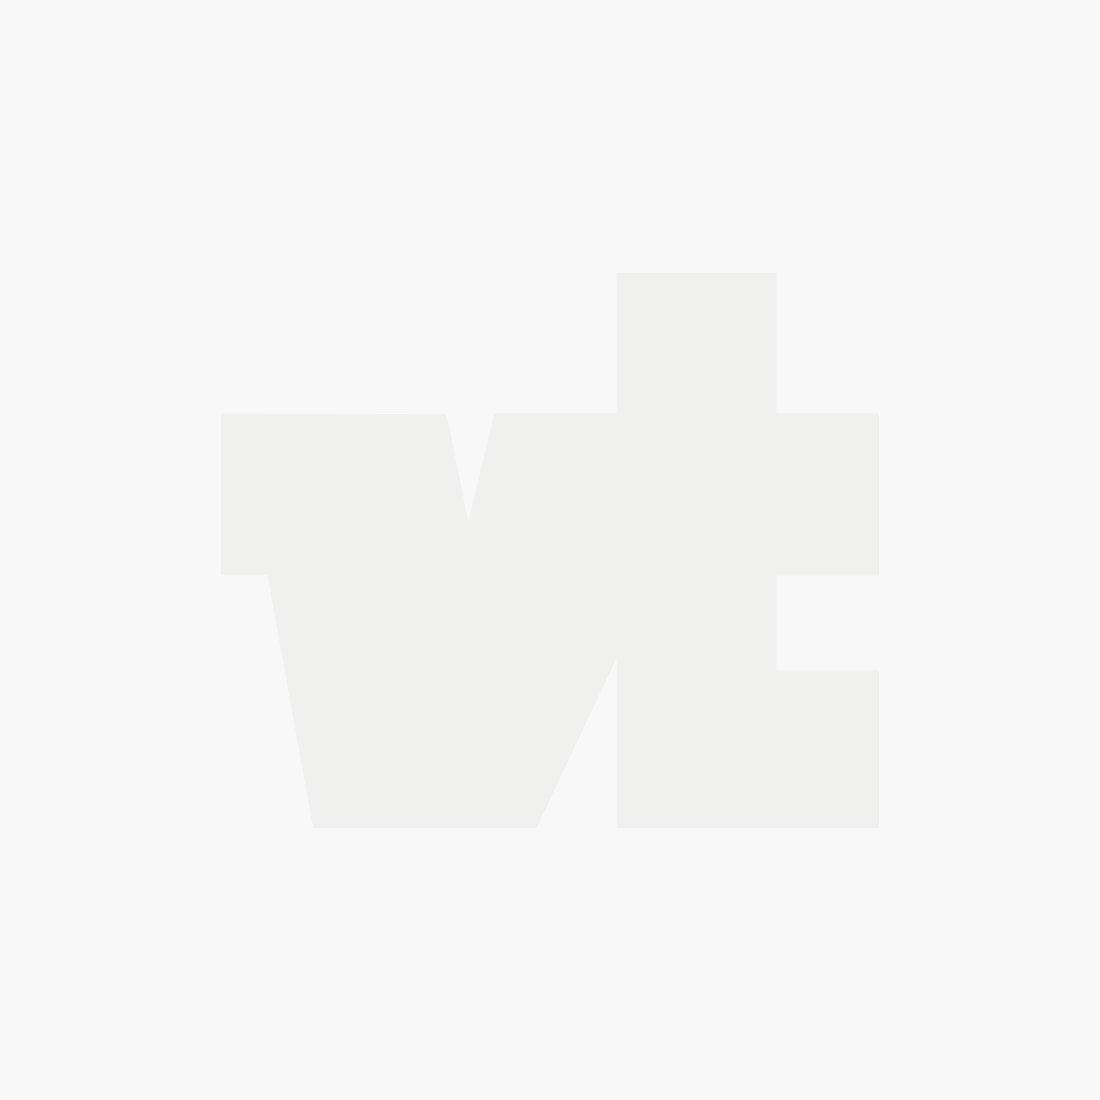 Crewneck cotton 2 tone mouline placid blue